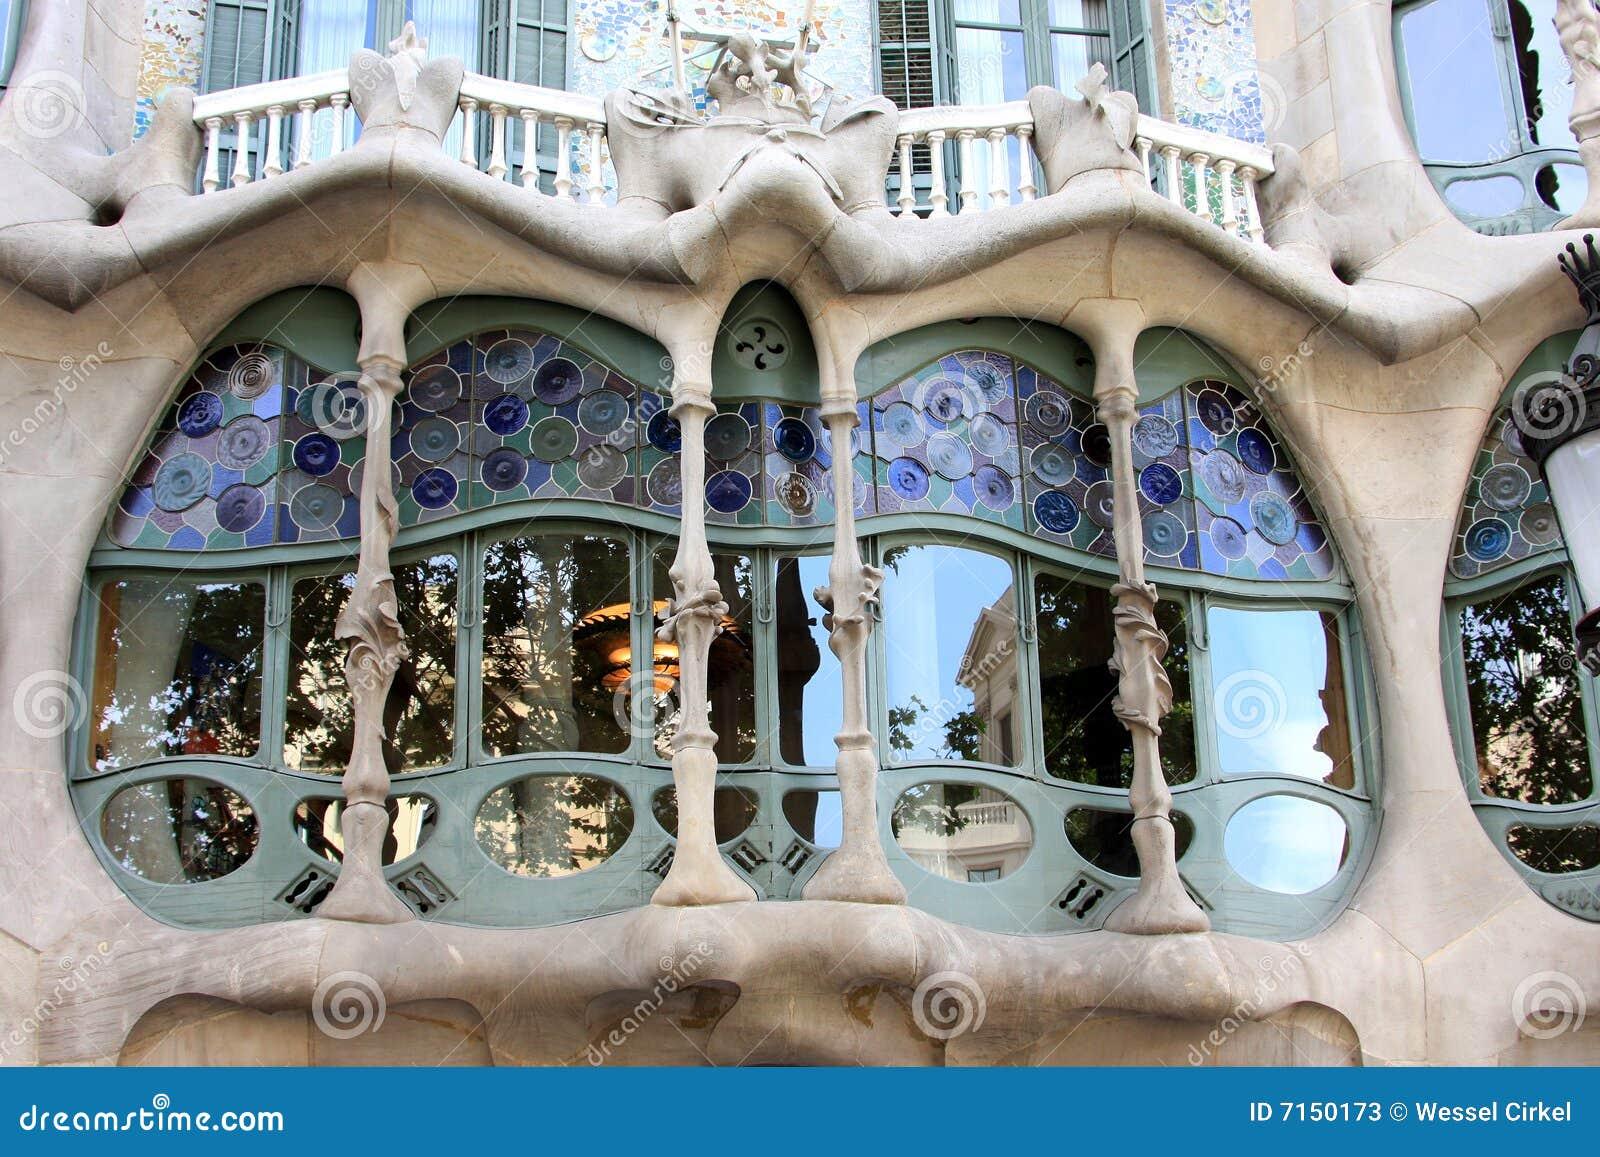 Casa battlo art nouveau building in barcelona stock for Nouveau decoration maison